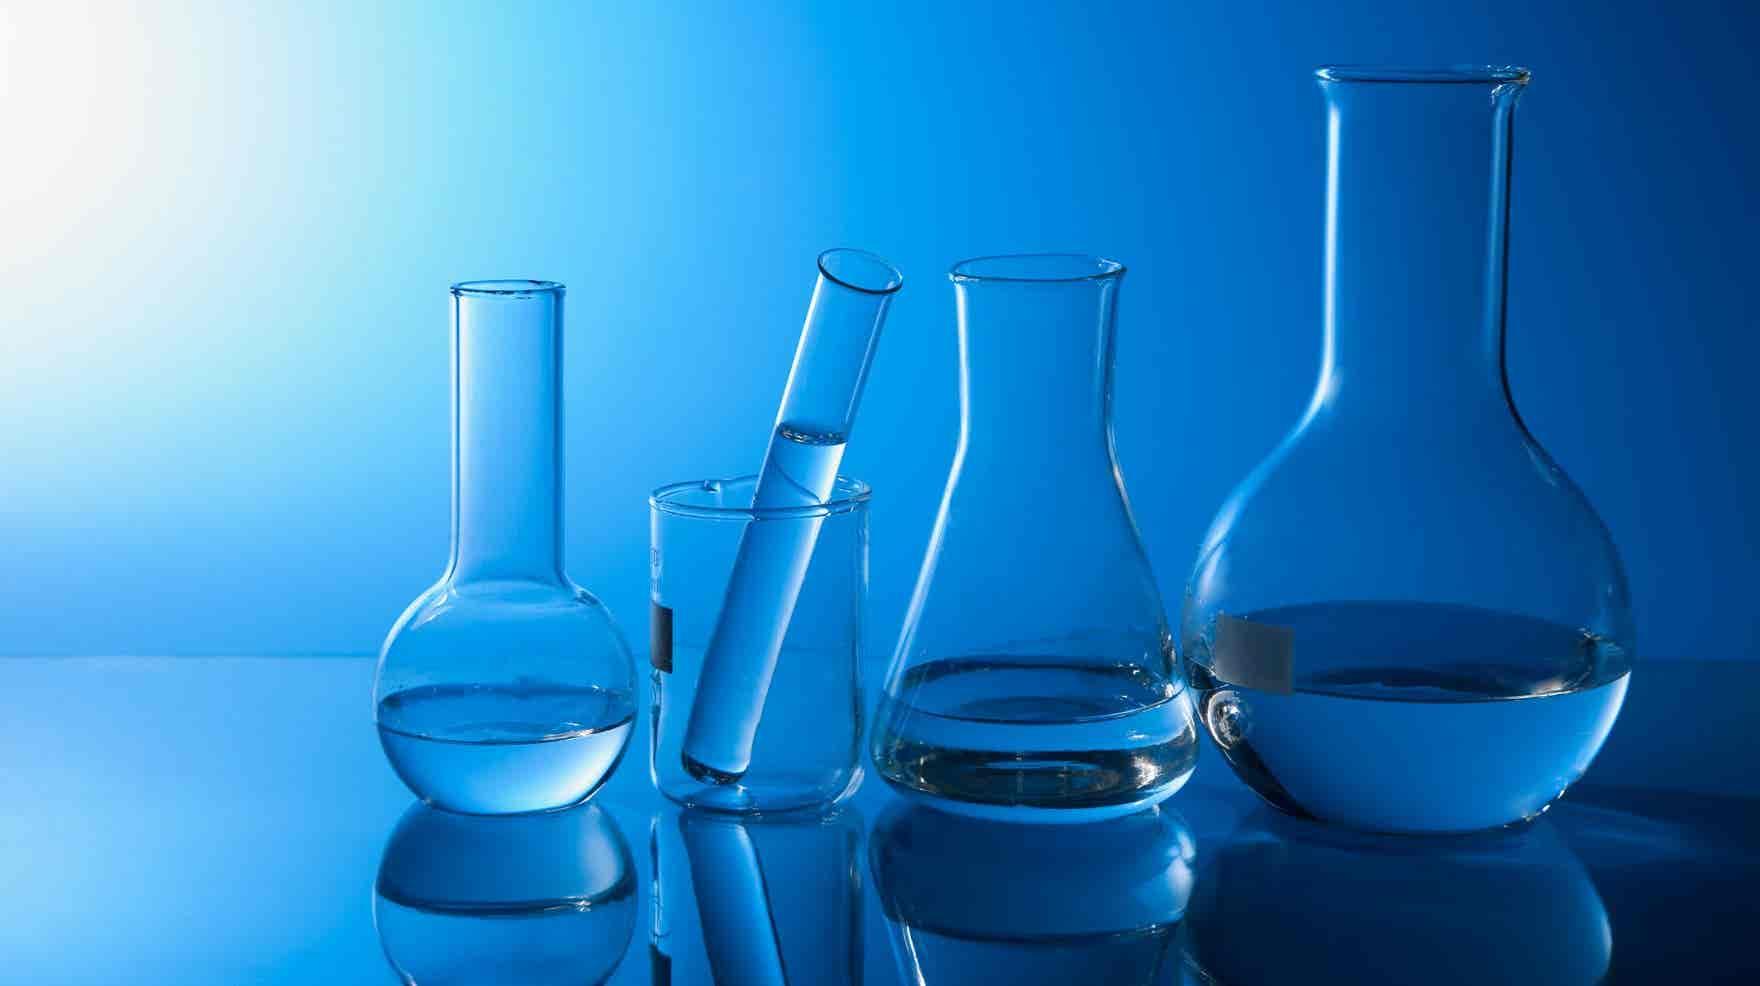 Parceria UA/Bosch prevê o desenvolvimento de soluções inovadoras para aquecimento e tratamento de água; perfil lipídico de plantas halófitas; molécula da cafeína, com Paulo Ribeiro-Claro.